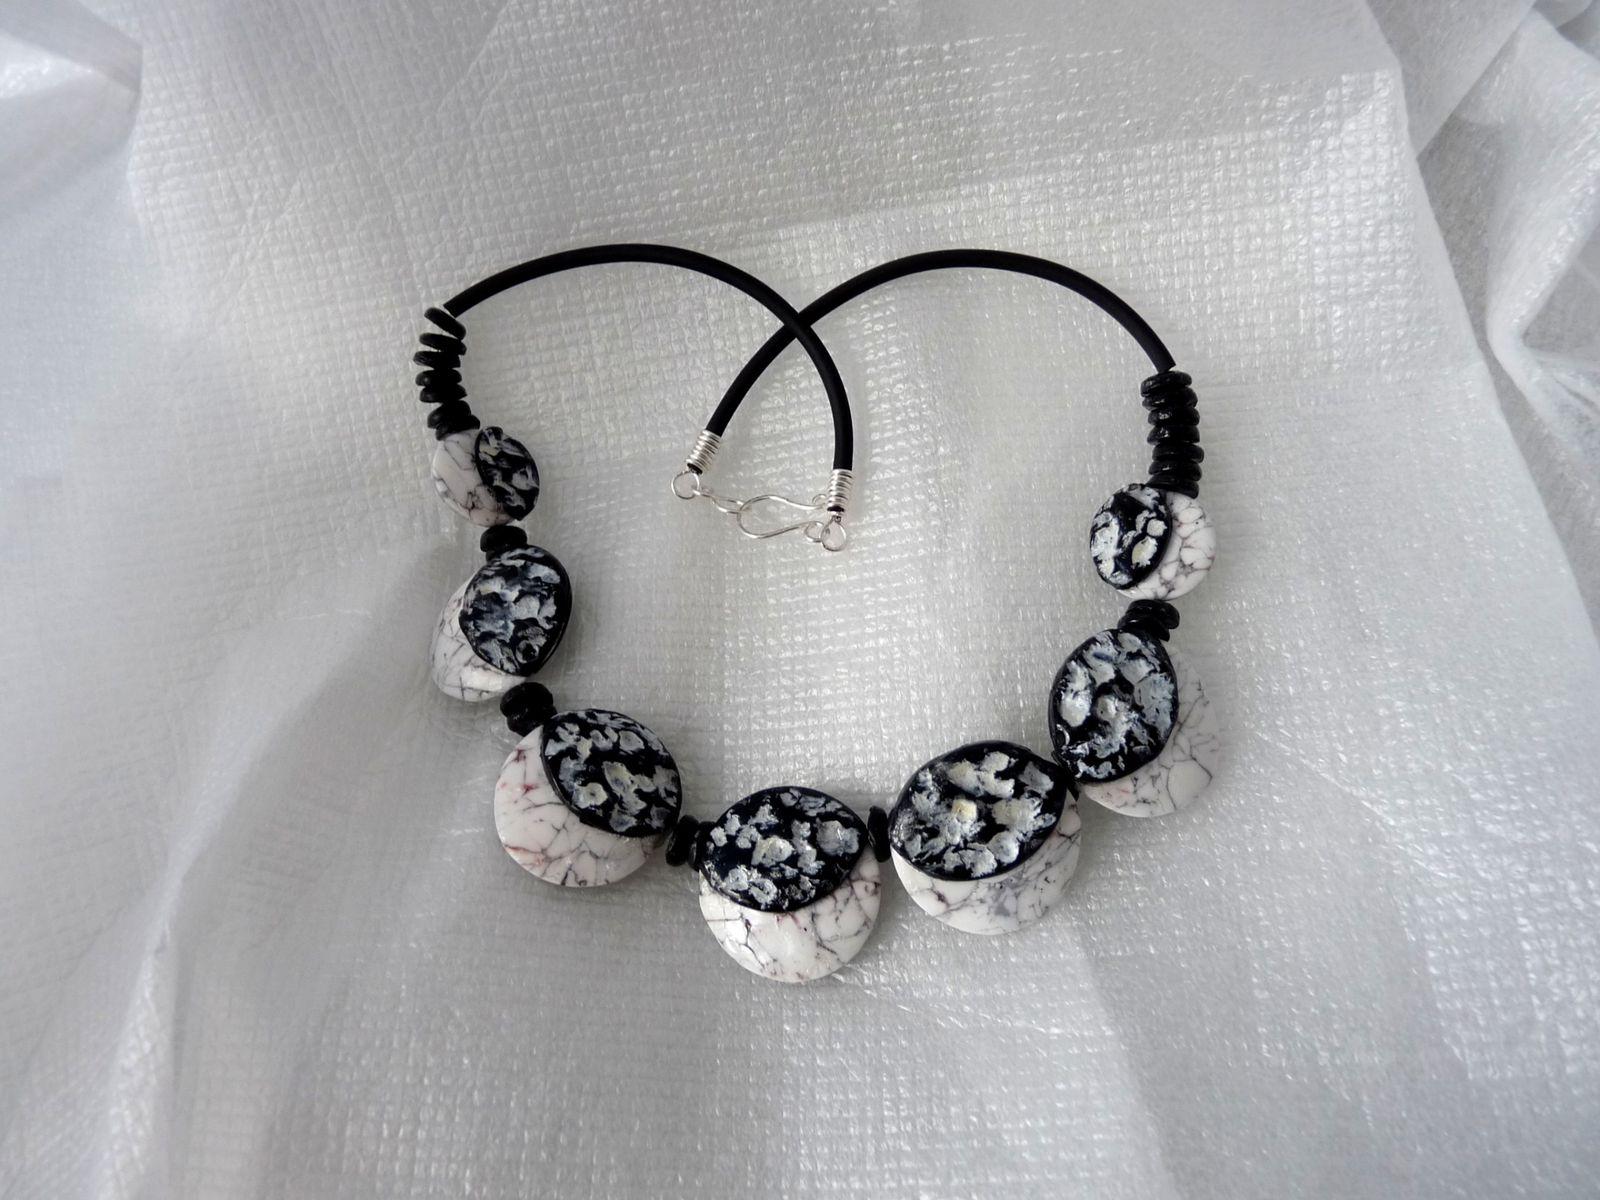 Voici le collier : lentilles imitation marbre et partie noire structurée et patinée à l'acrylique blanche